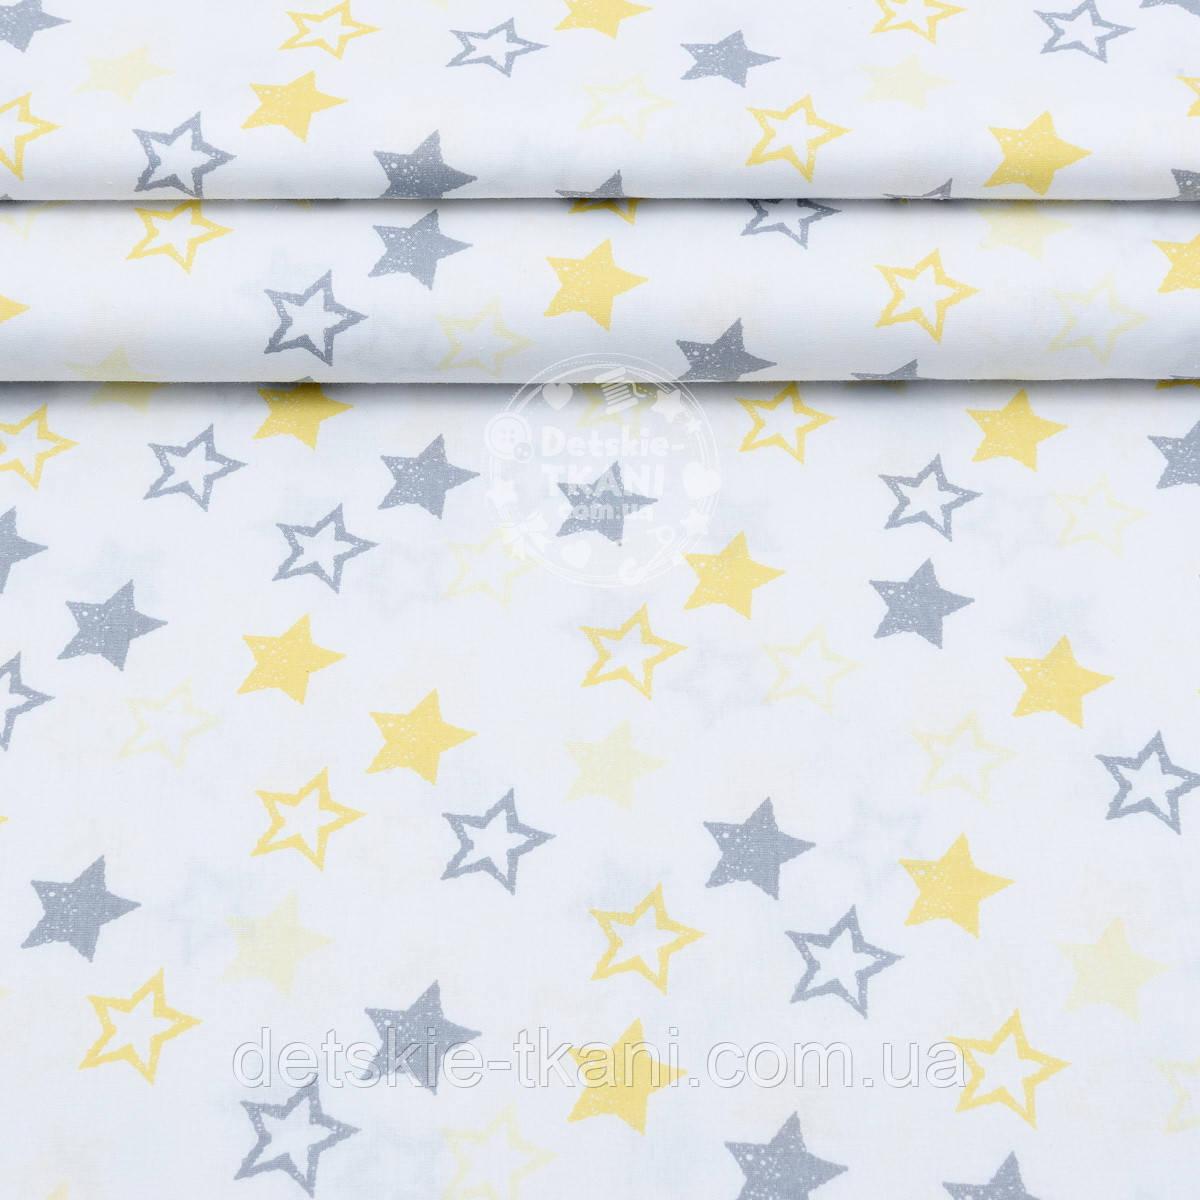 """Поплин шириной 240 см """"Одинаковые звёзды 25 мм"""" серо-жёлтые на белом (№1678)"""